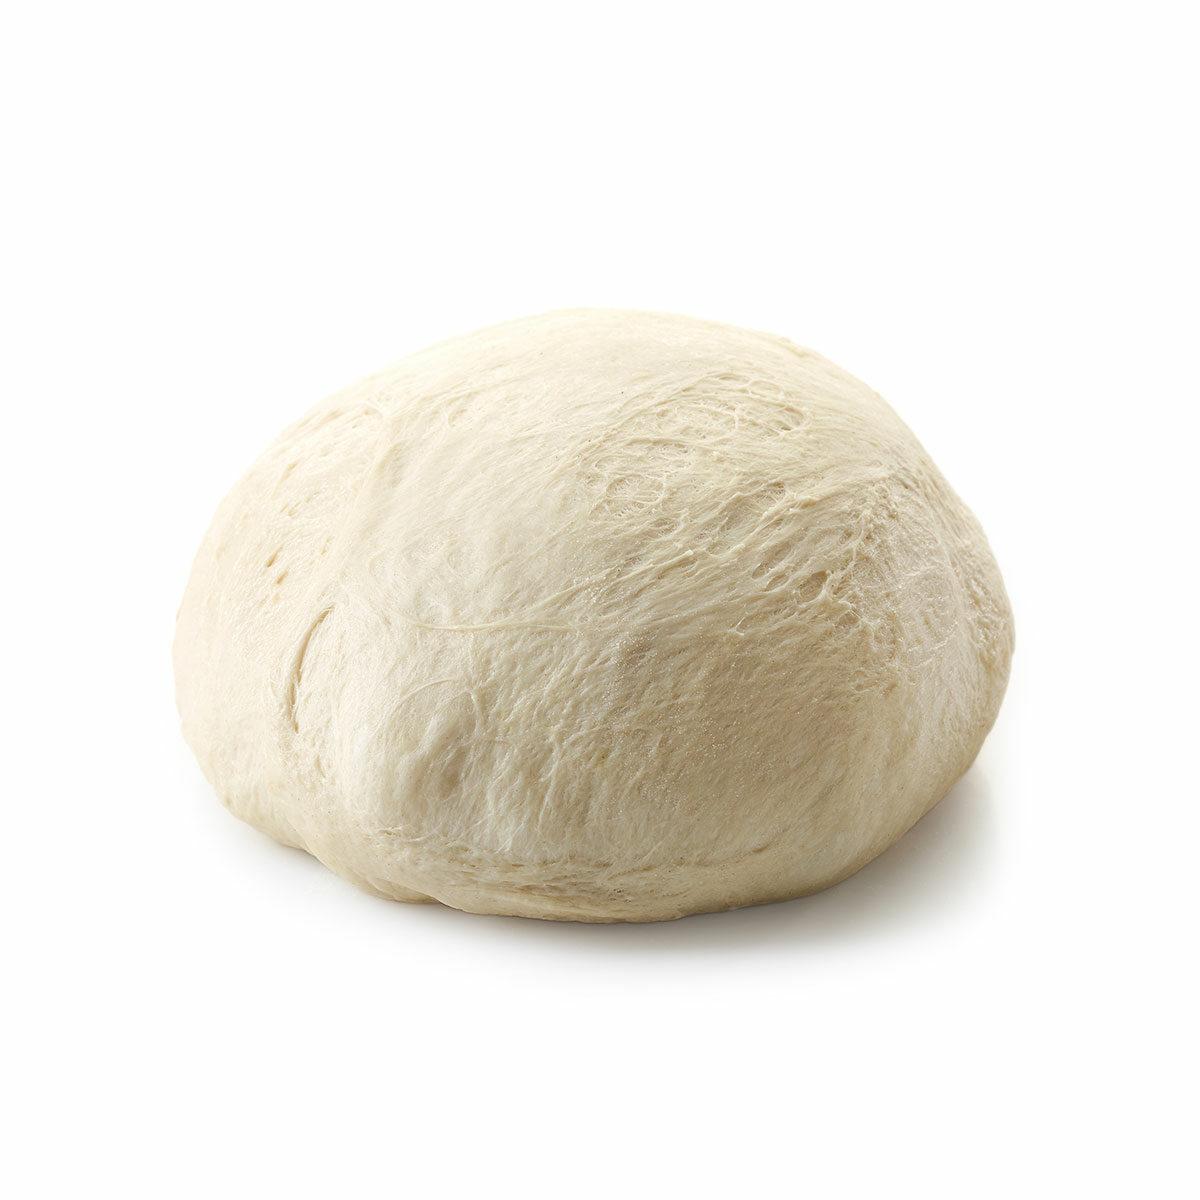 Quinoa dough ball